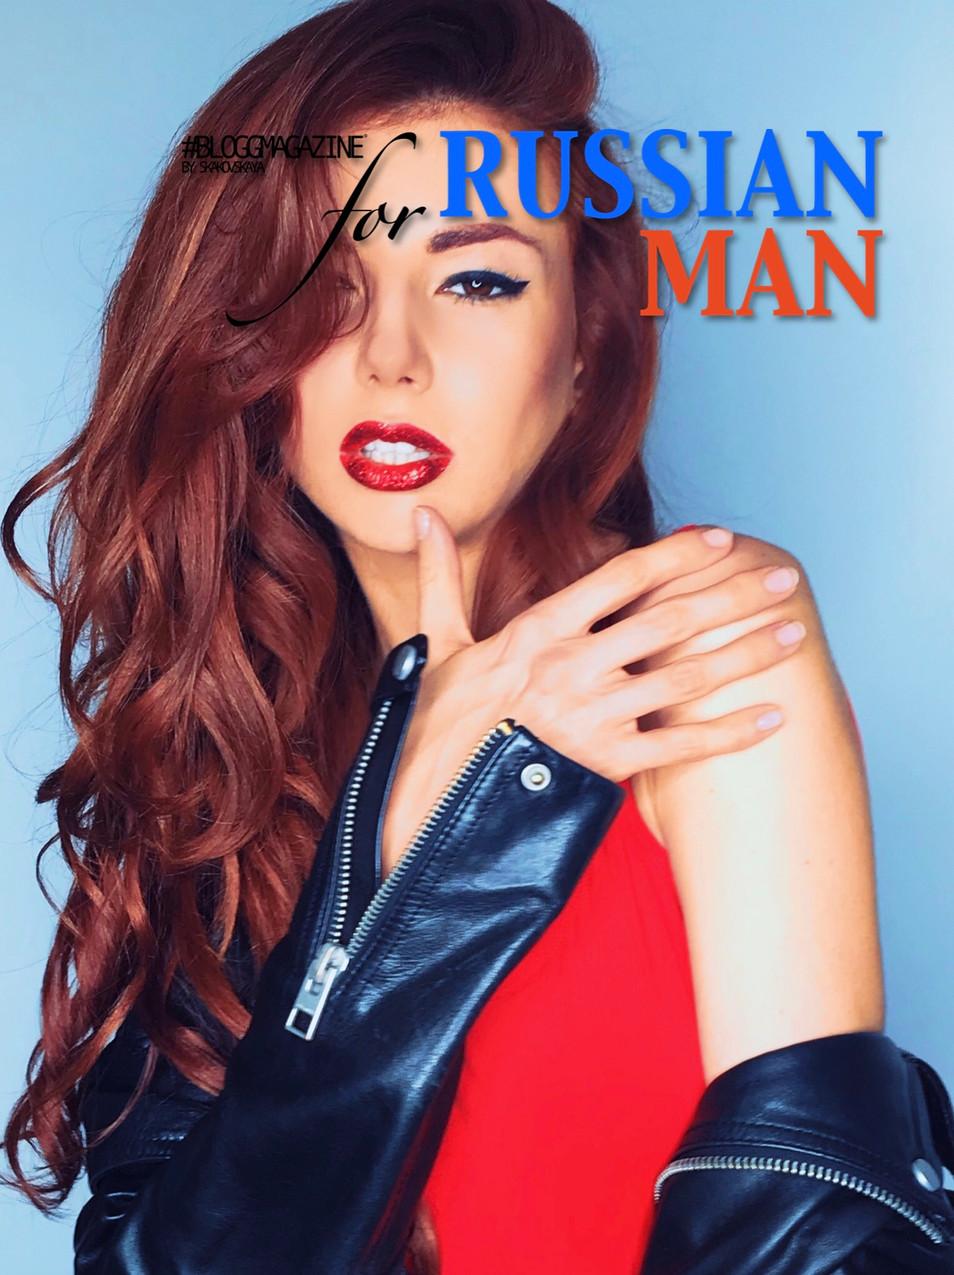 For russian man, евгения шмидт